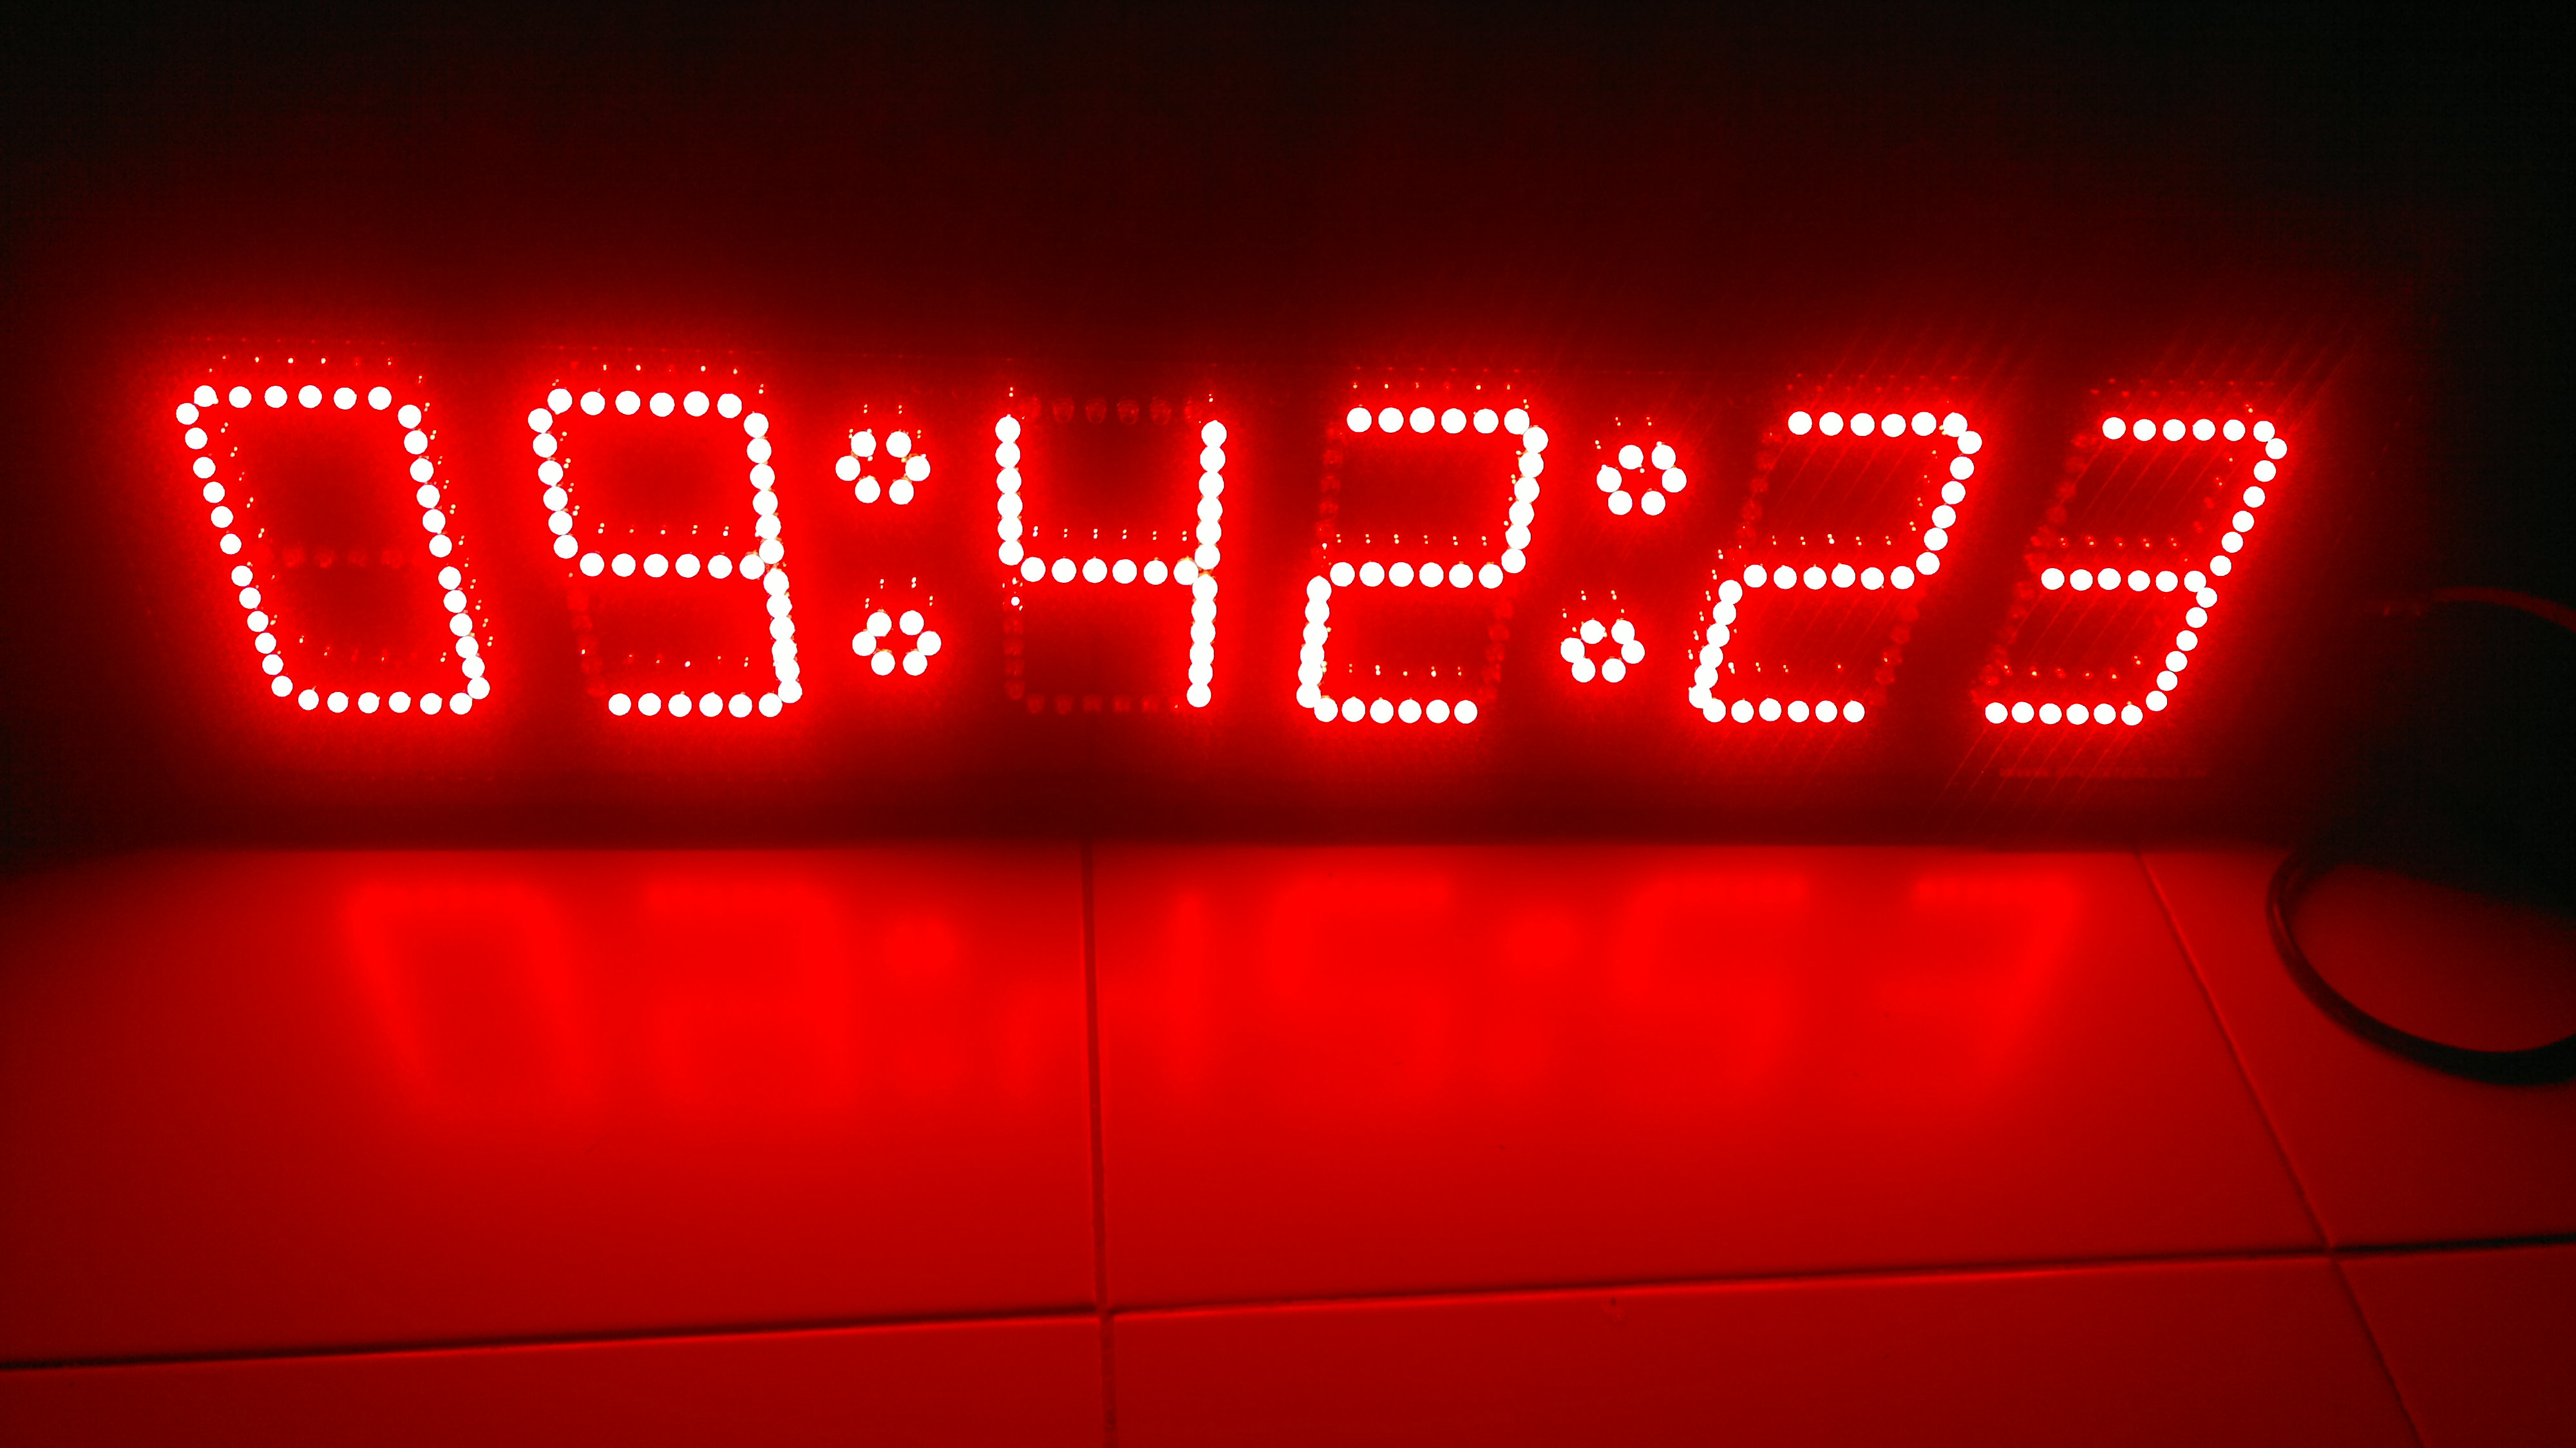 นาฬิกาดิจิตอลLED 5นิ้ว 6หลัก